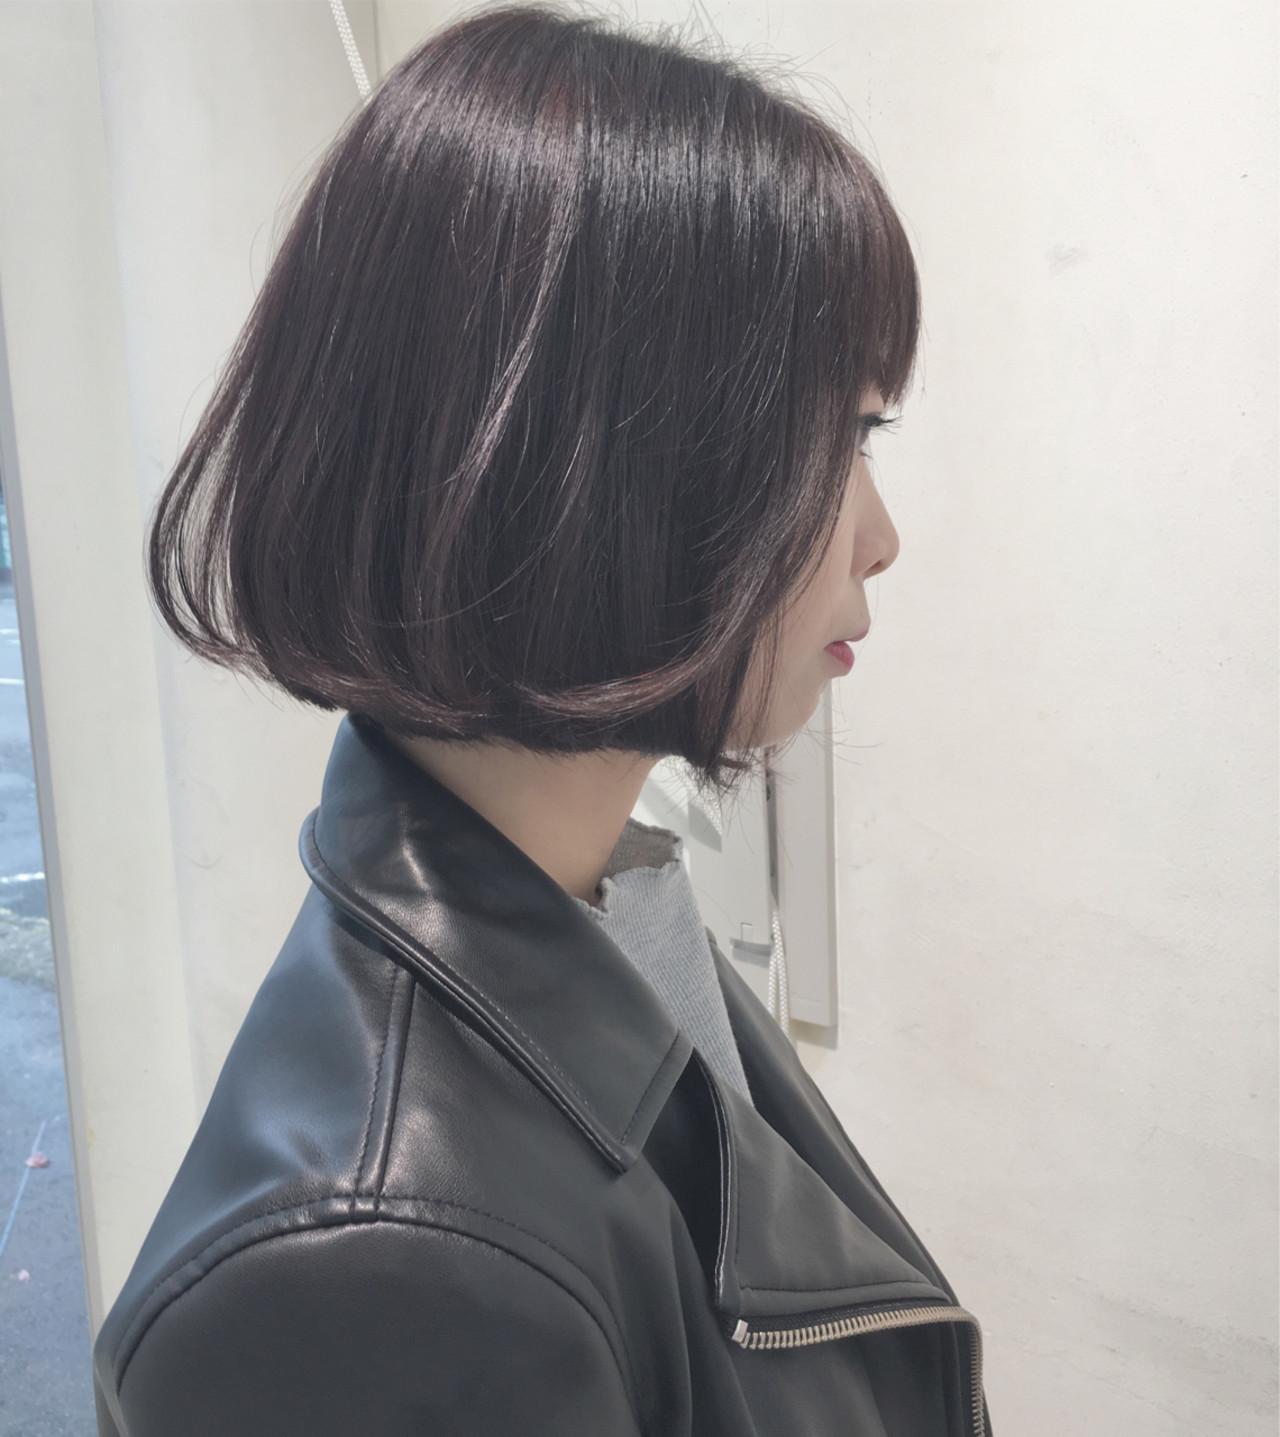 小顔 タンバルモリ ショートボブ ボブ ヘアスタイルや髪型の写真・画像